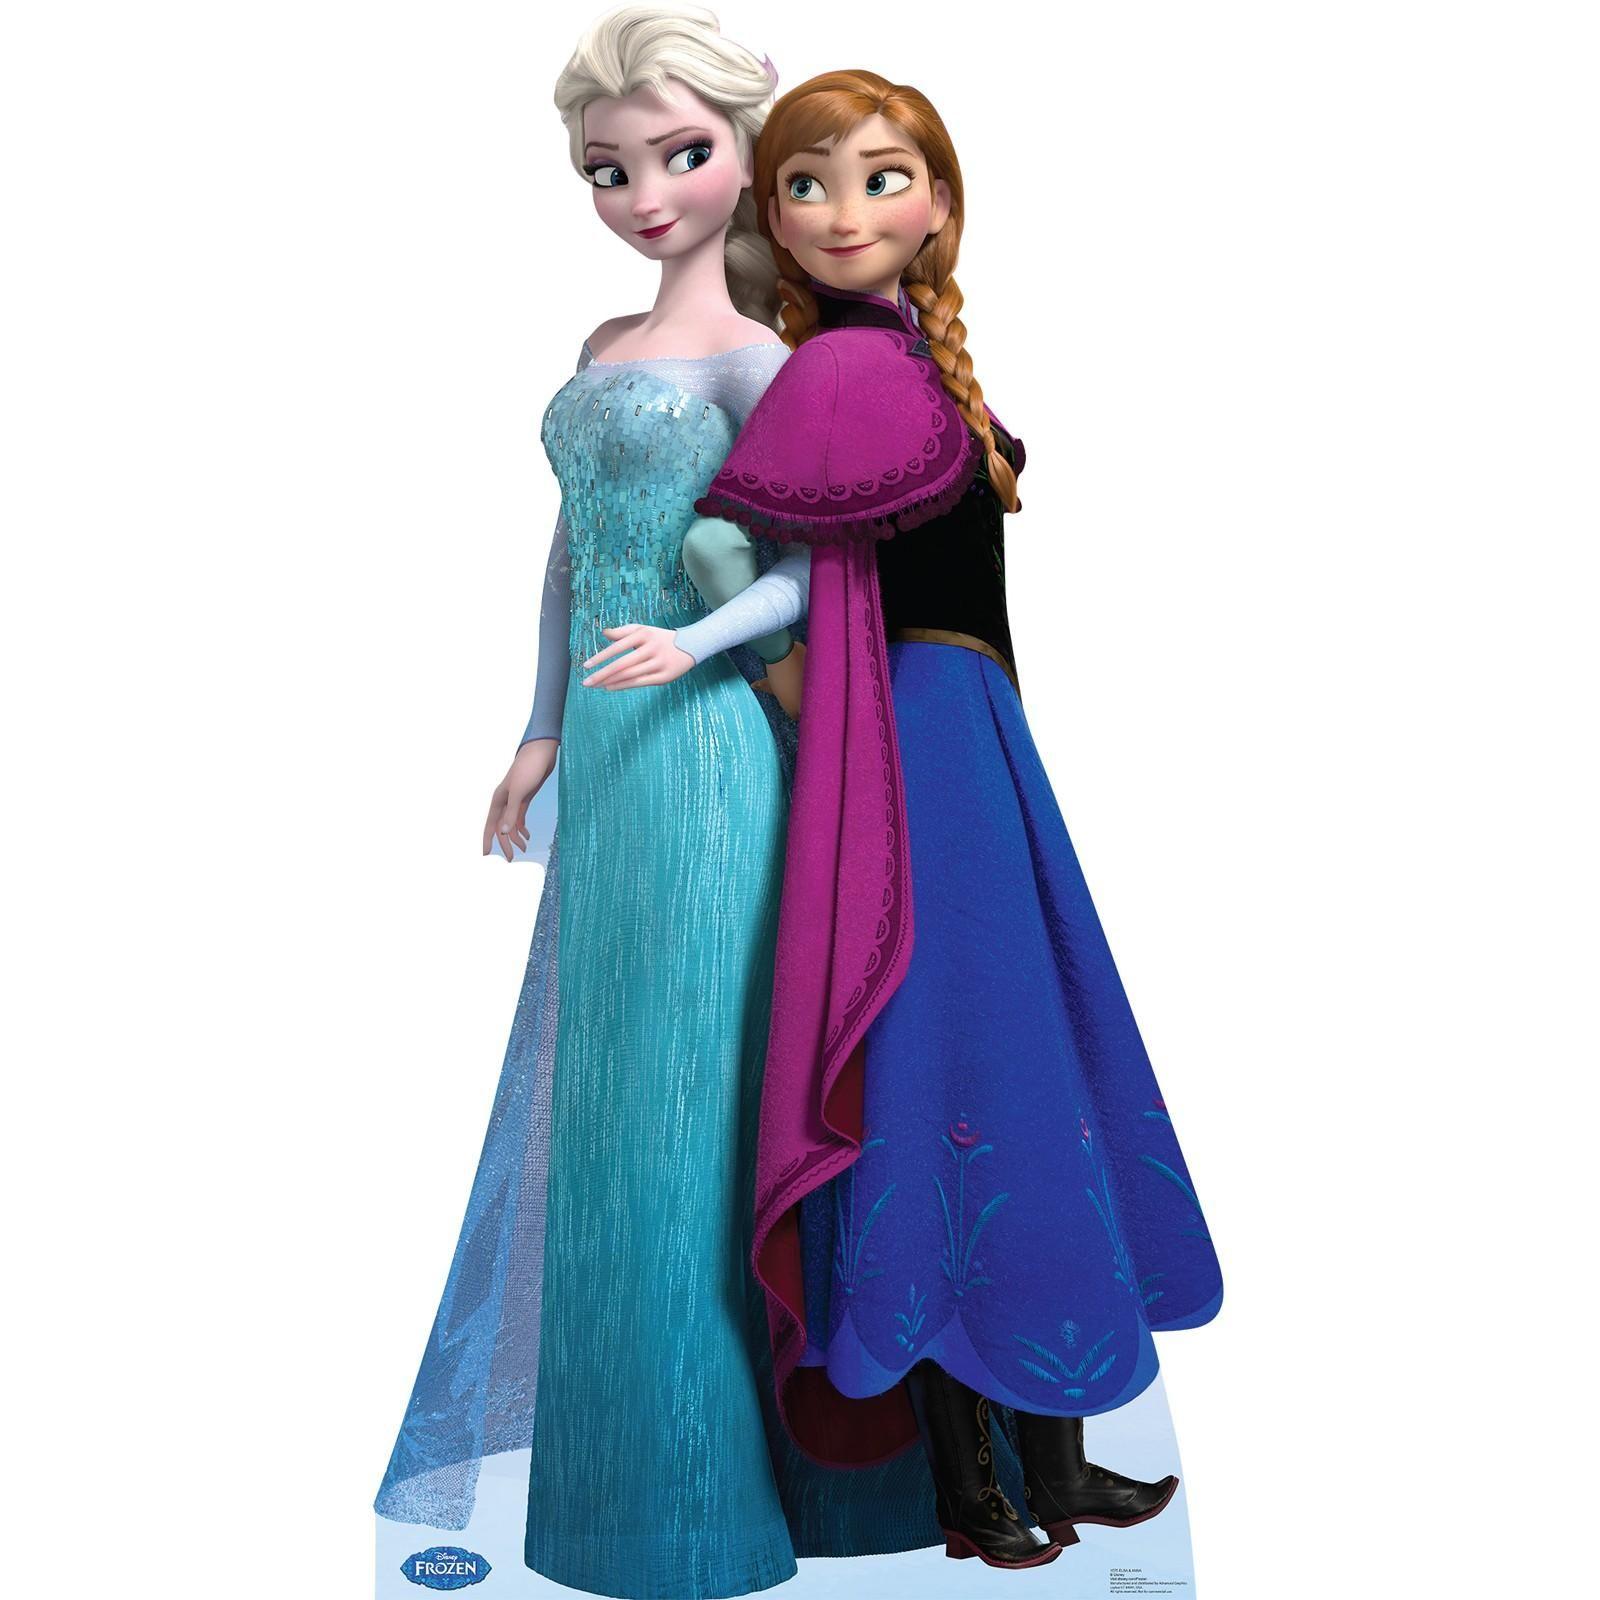 Disney Frozen Elsa and Anna Standup - 6\' Tall | Disney frozen elsa ...